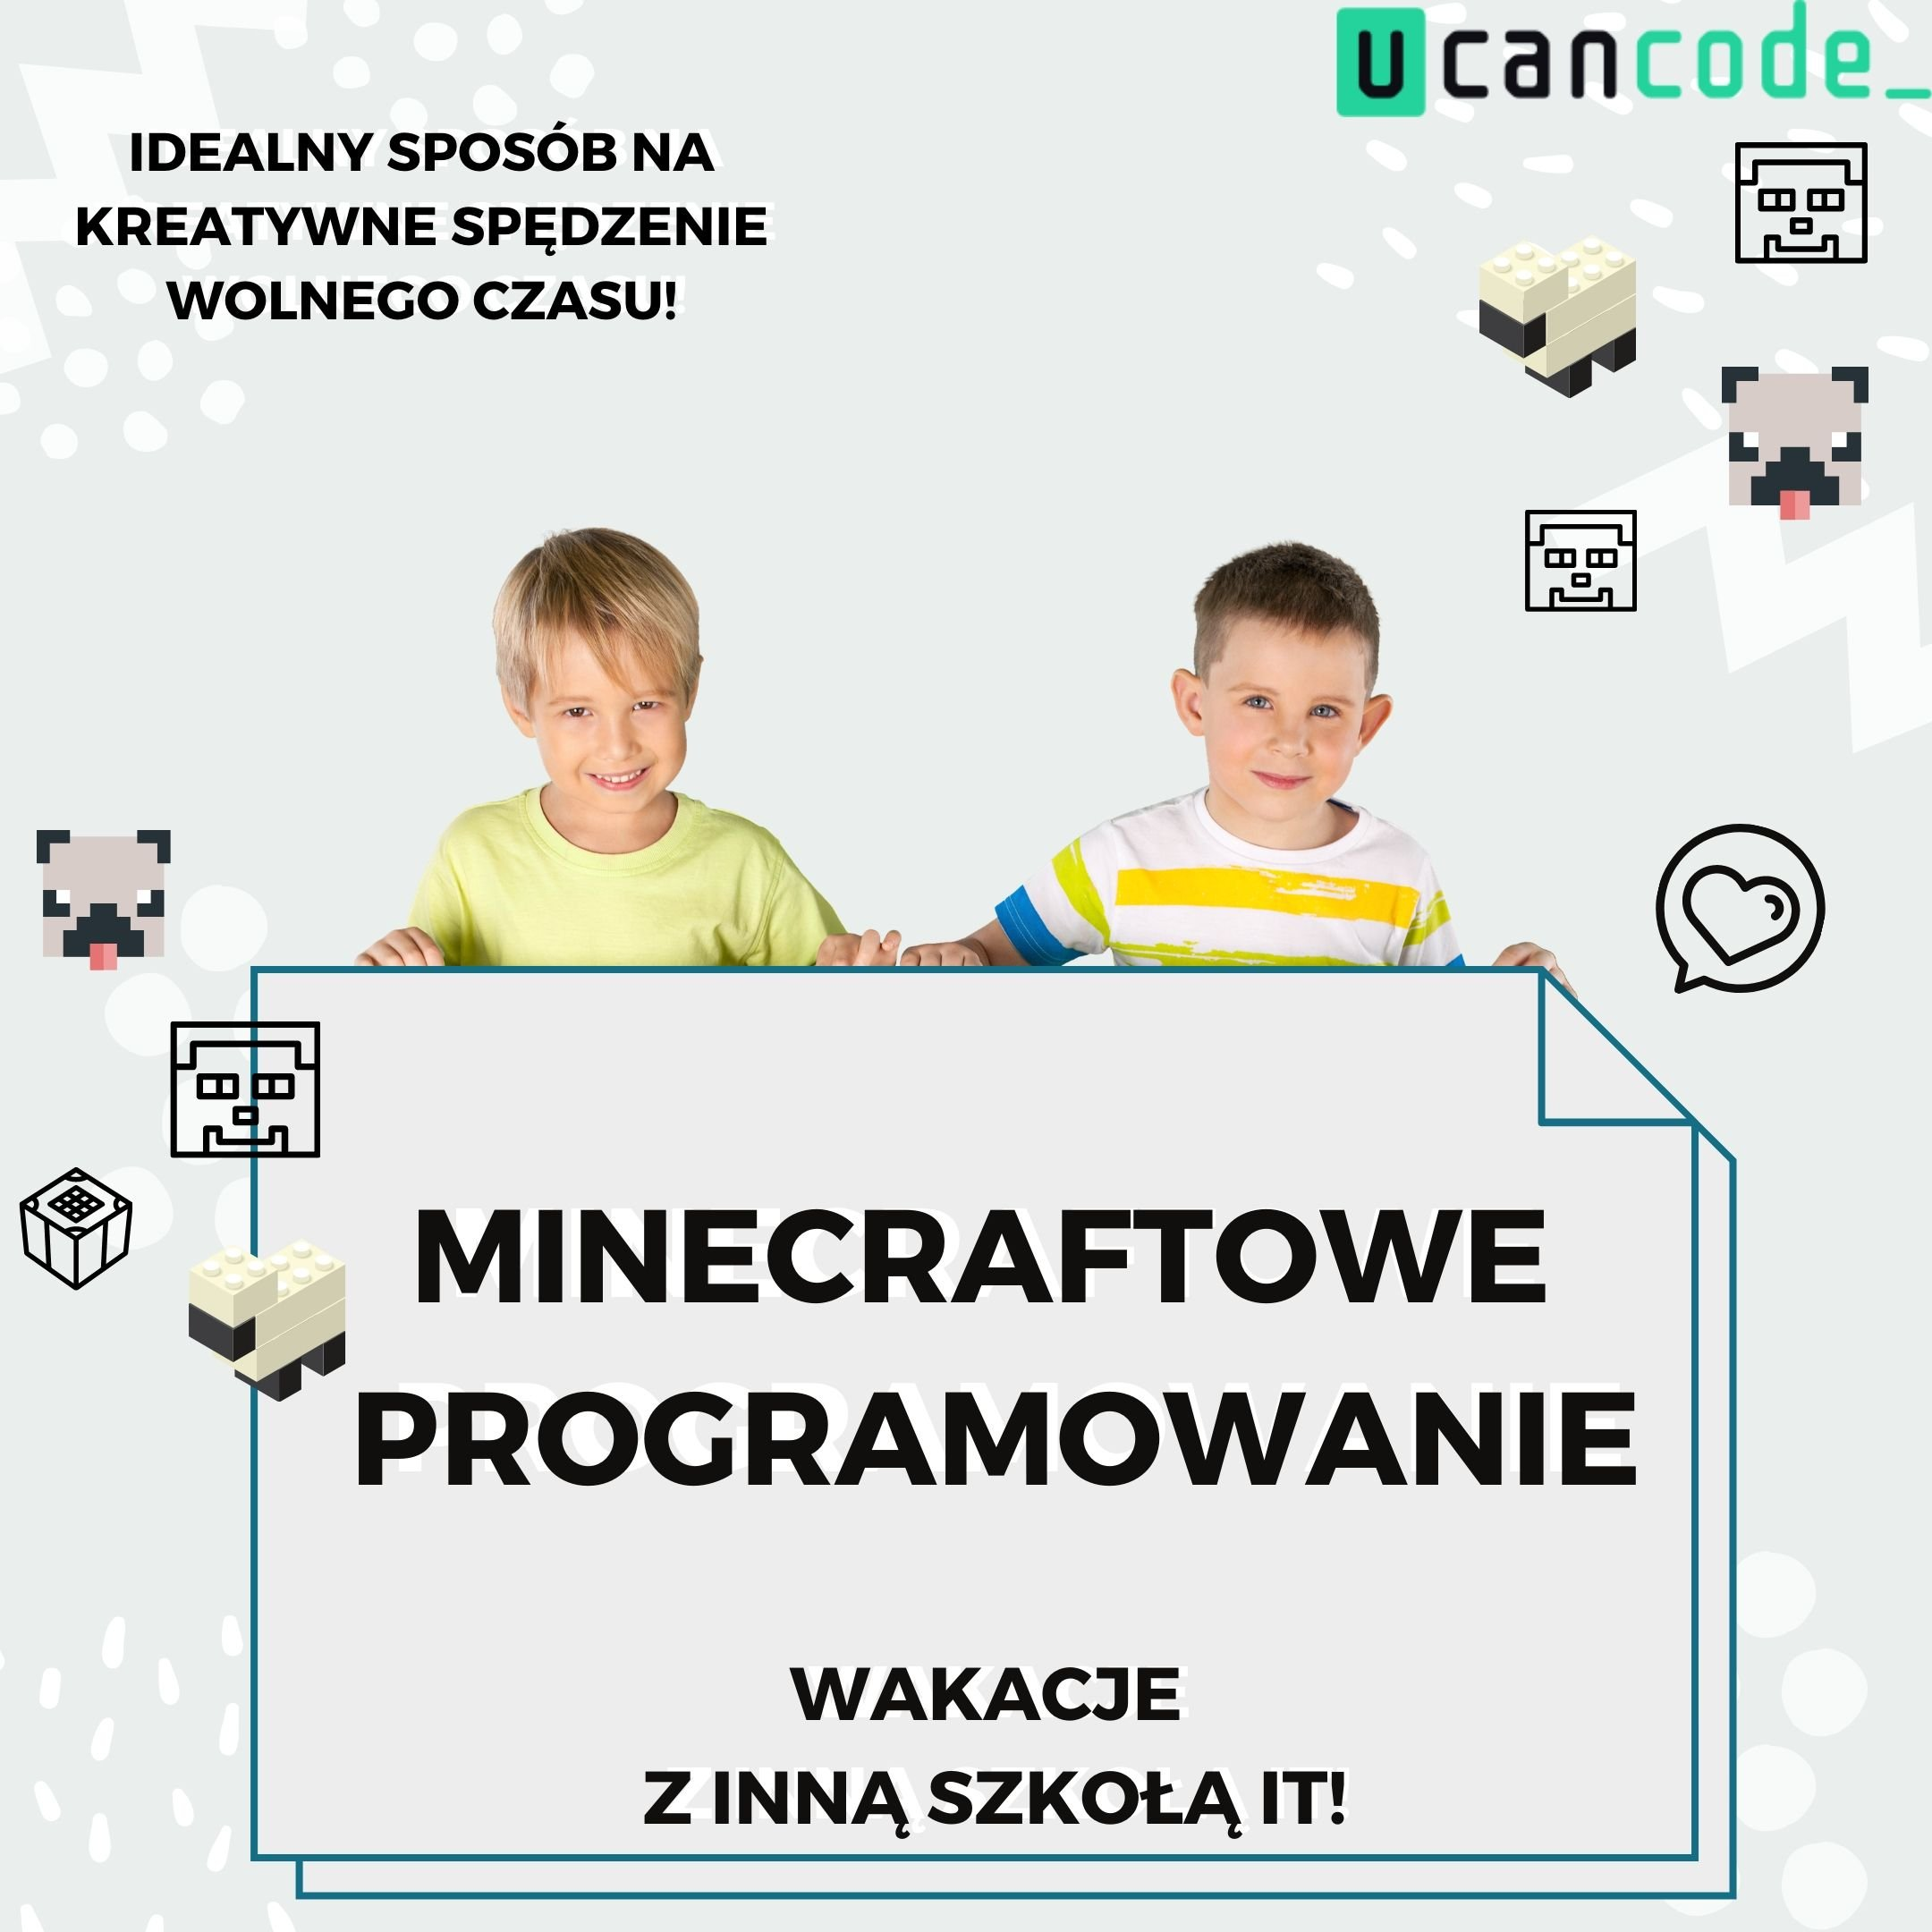 Minecraftowe programowanie